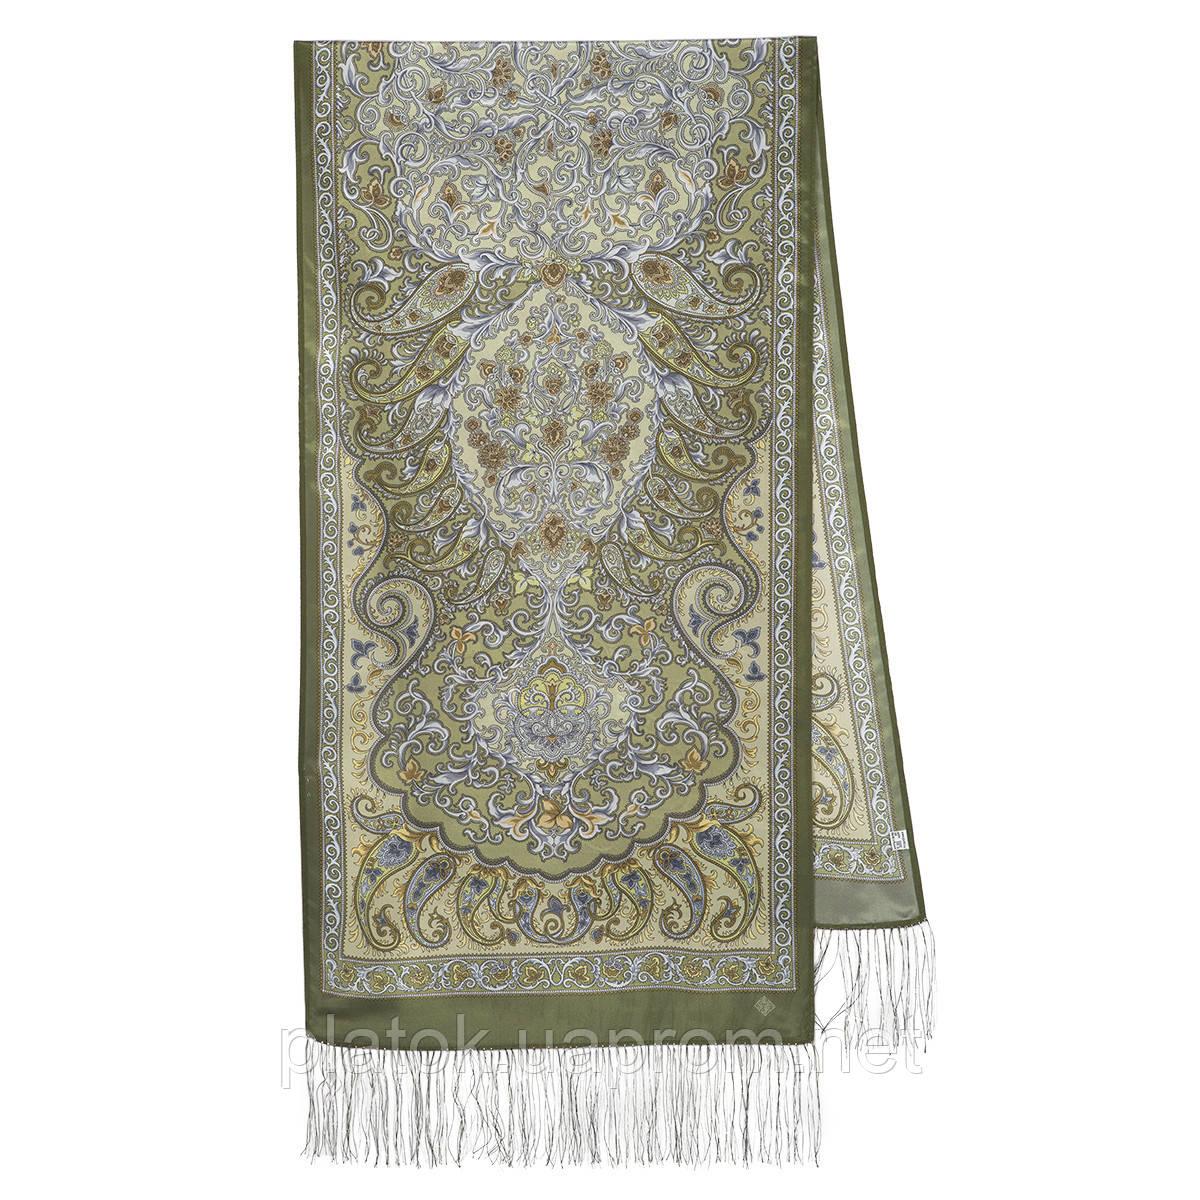 Рассказ о странствиях 1633-60, павлопосадский шарф шелковый крепдешиновый с шелковой бахромой